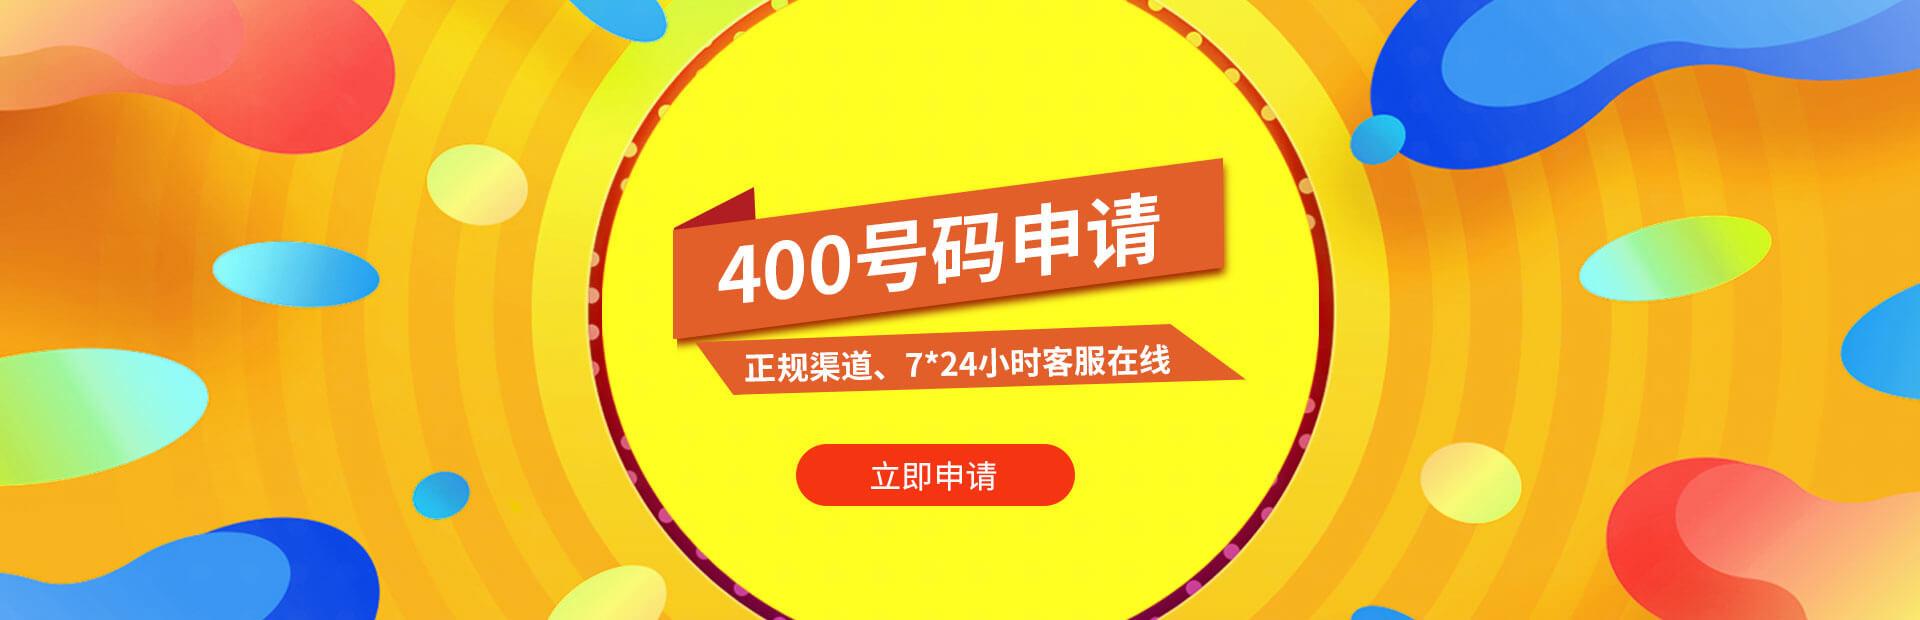 上海400电话办理